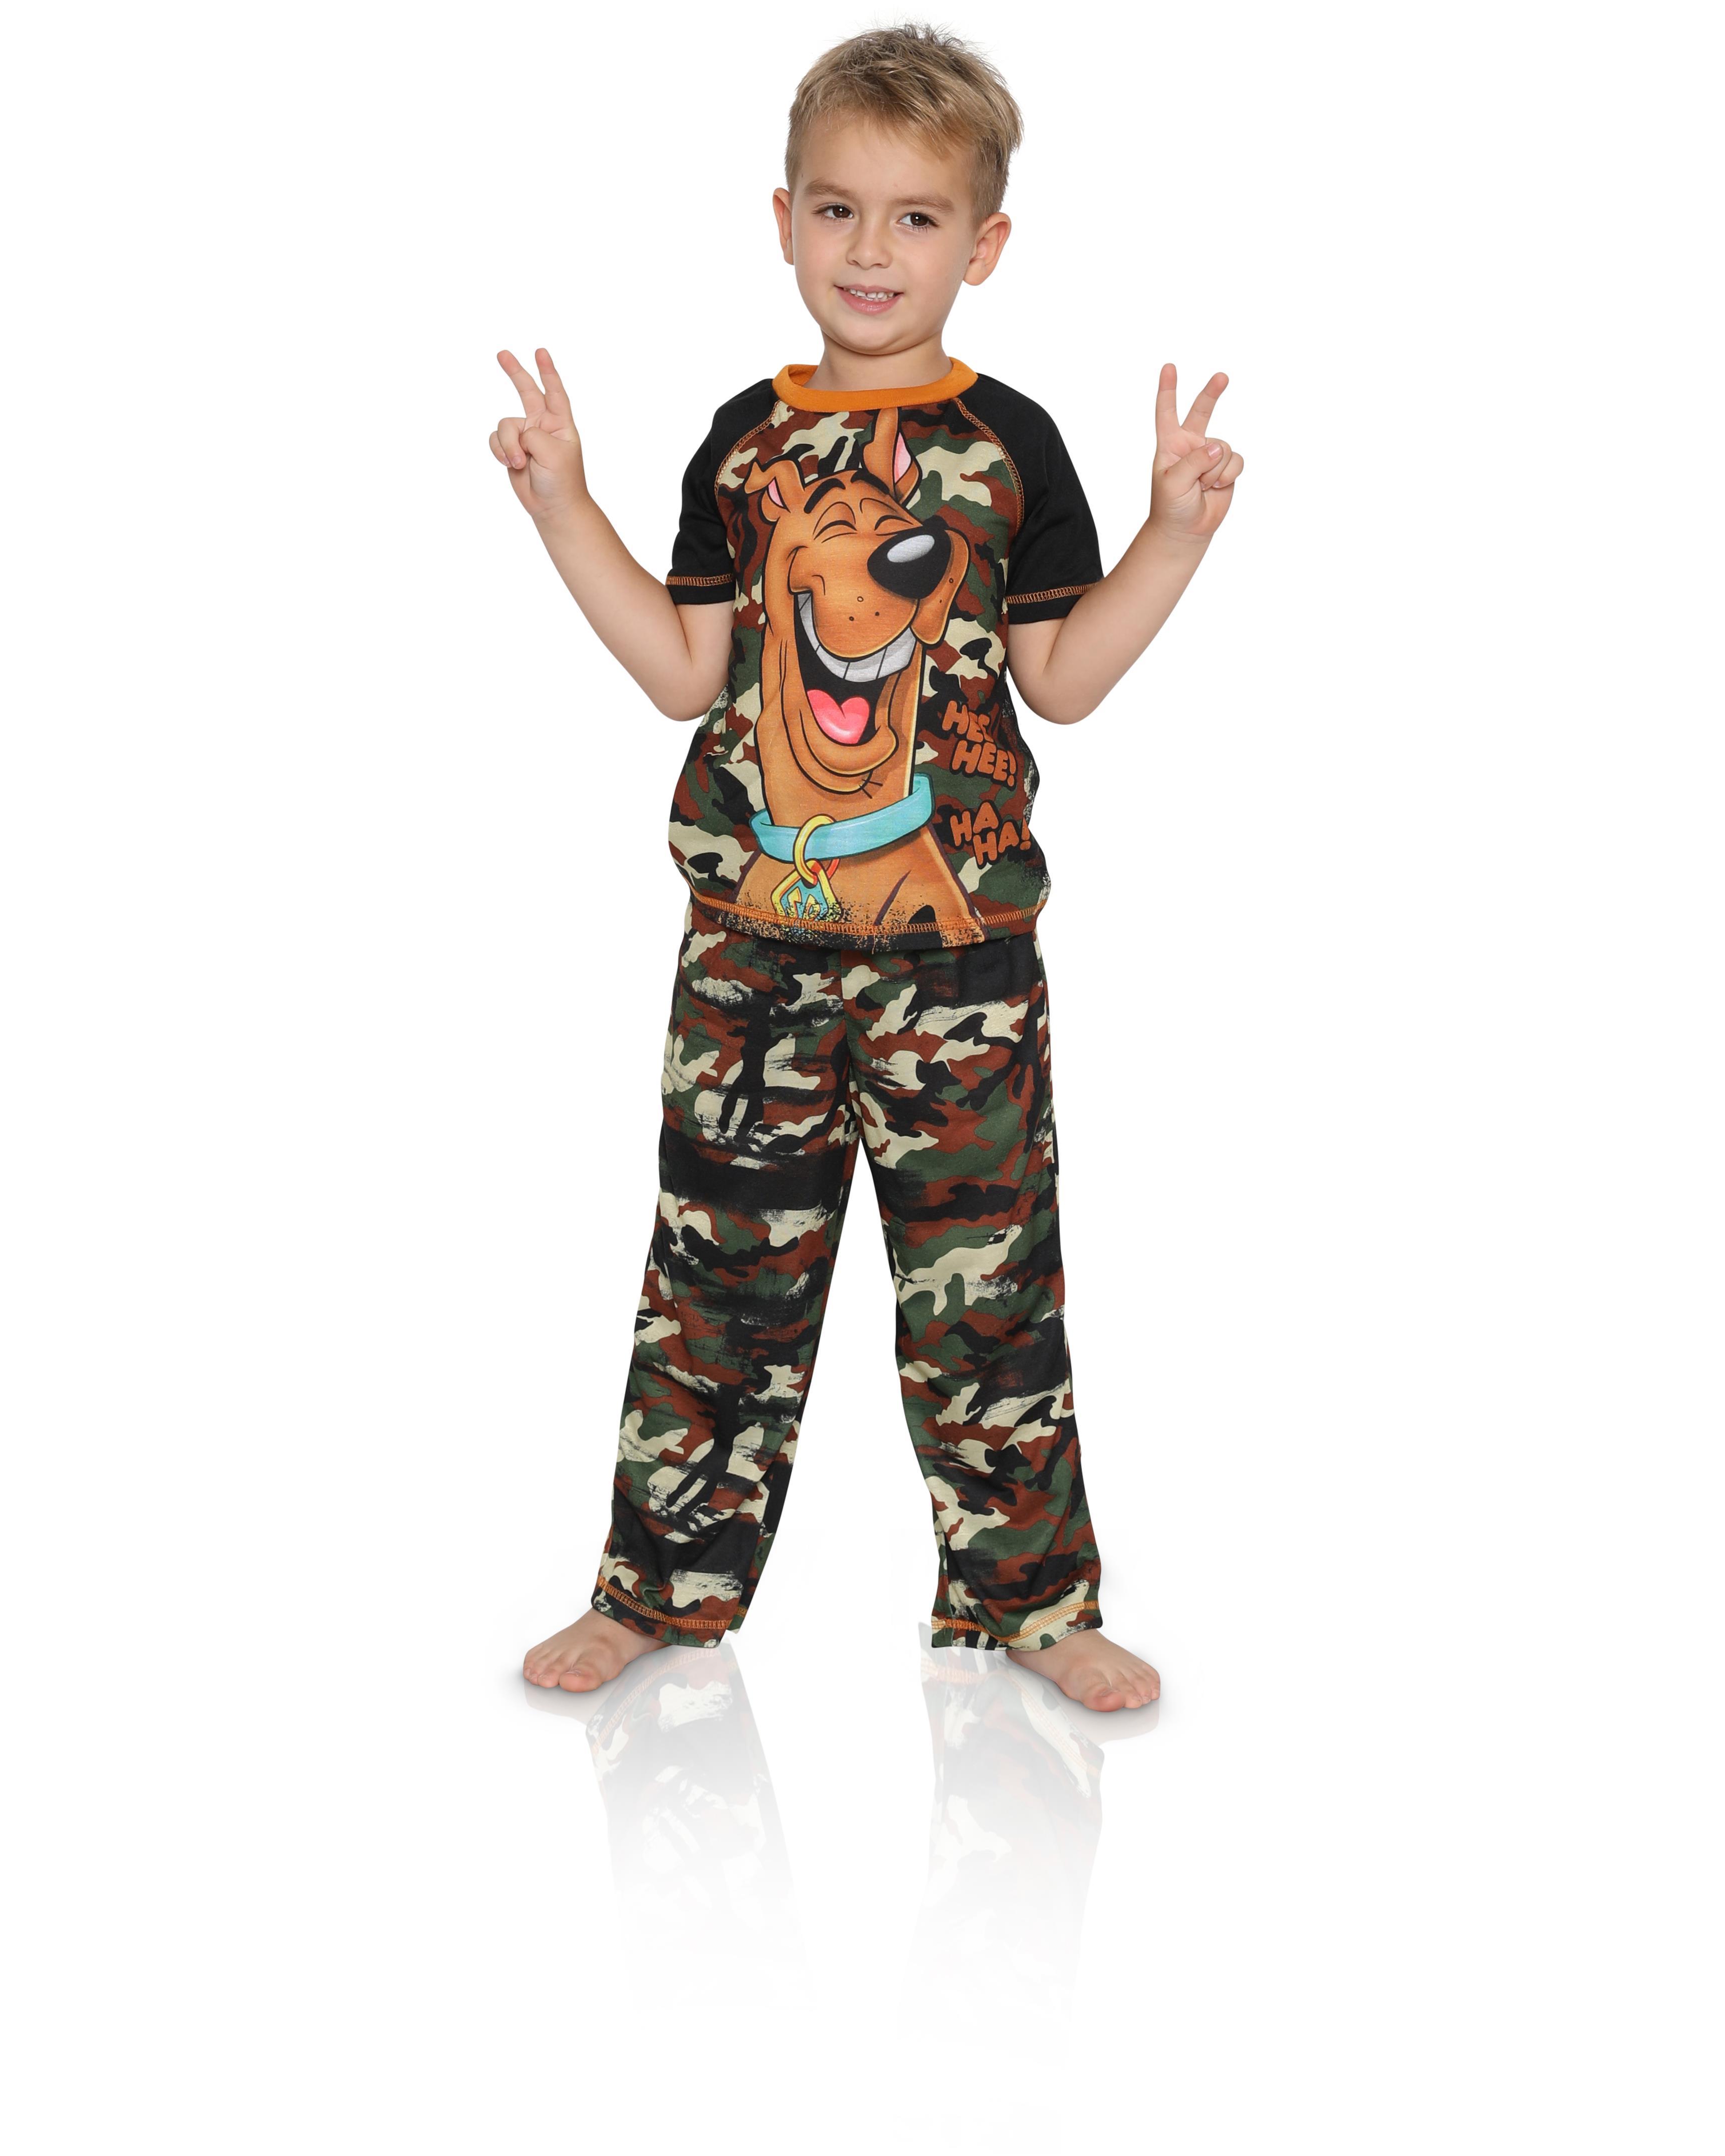 Scooby Doo Boys 2 Piece Jersey Pajama Set Pajama Set